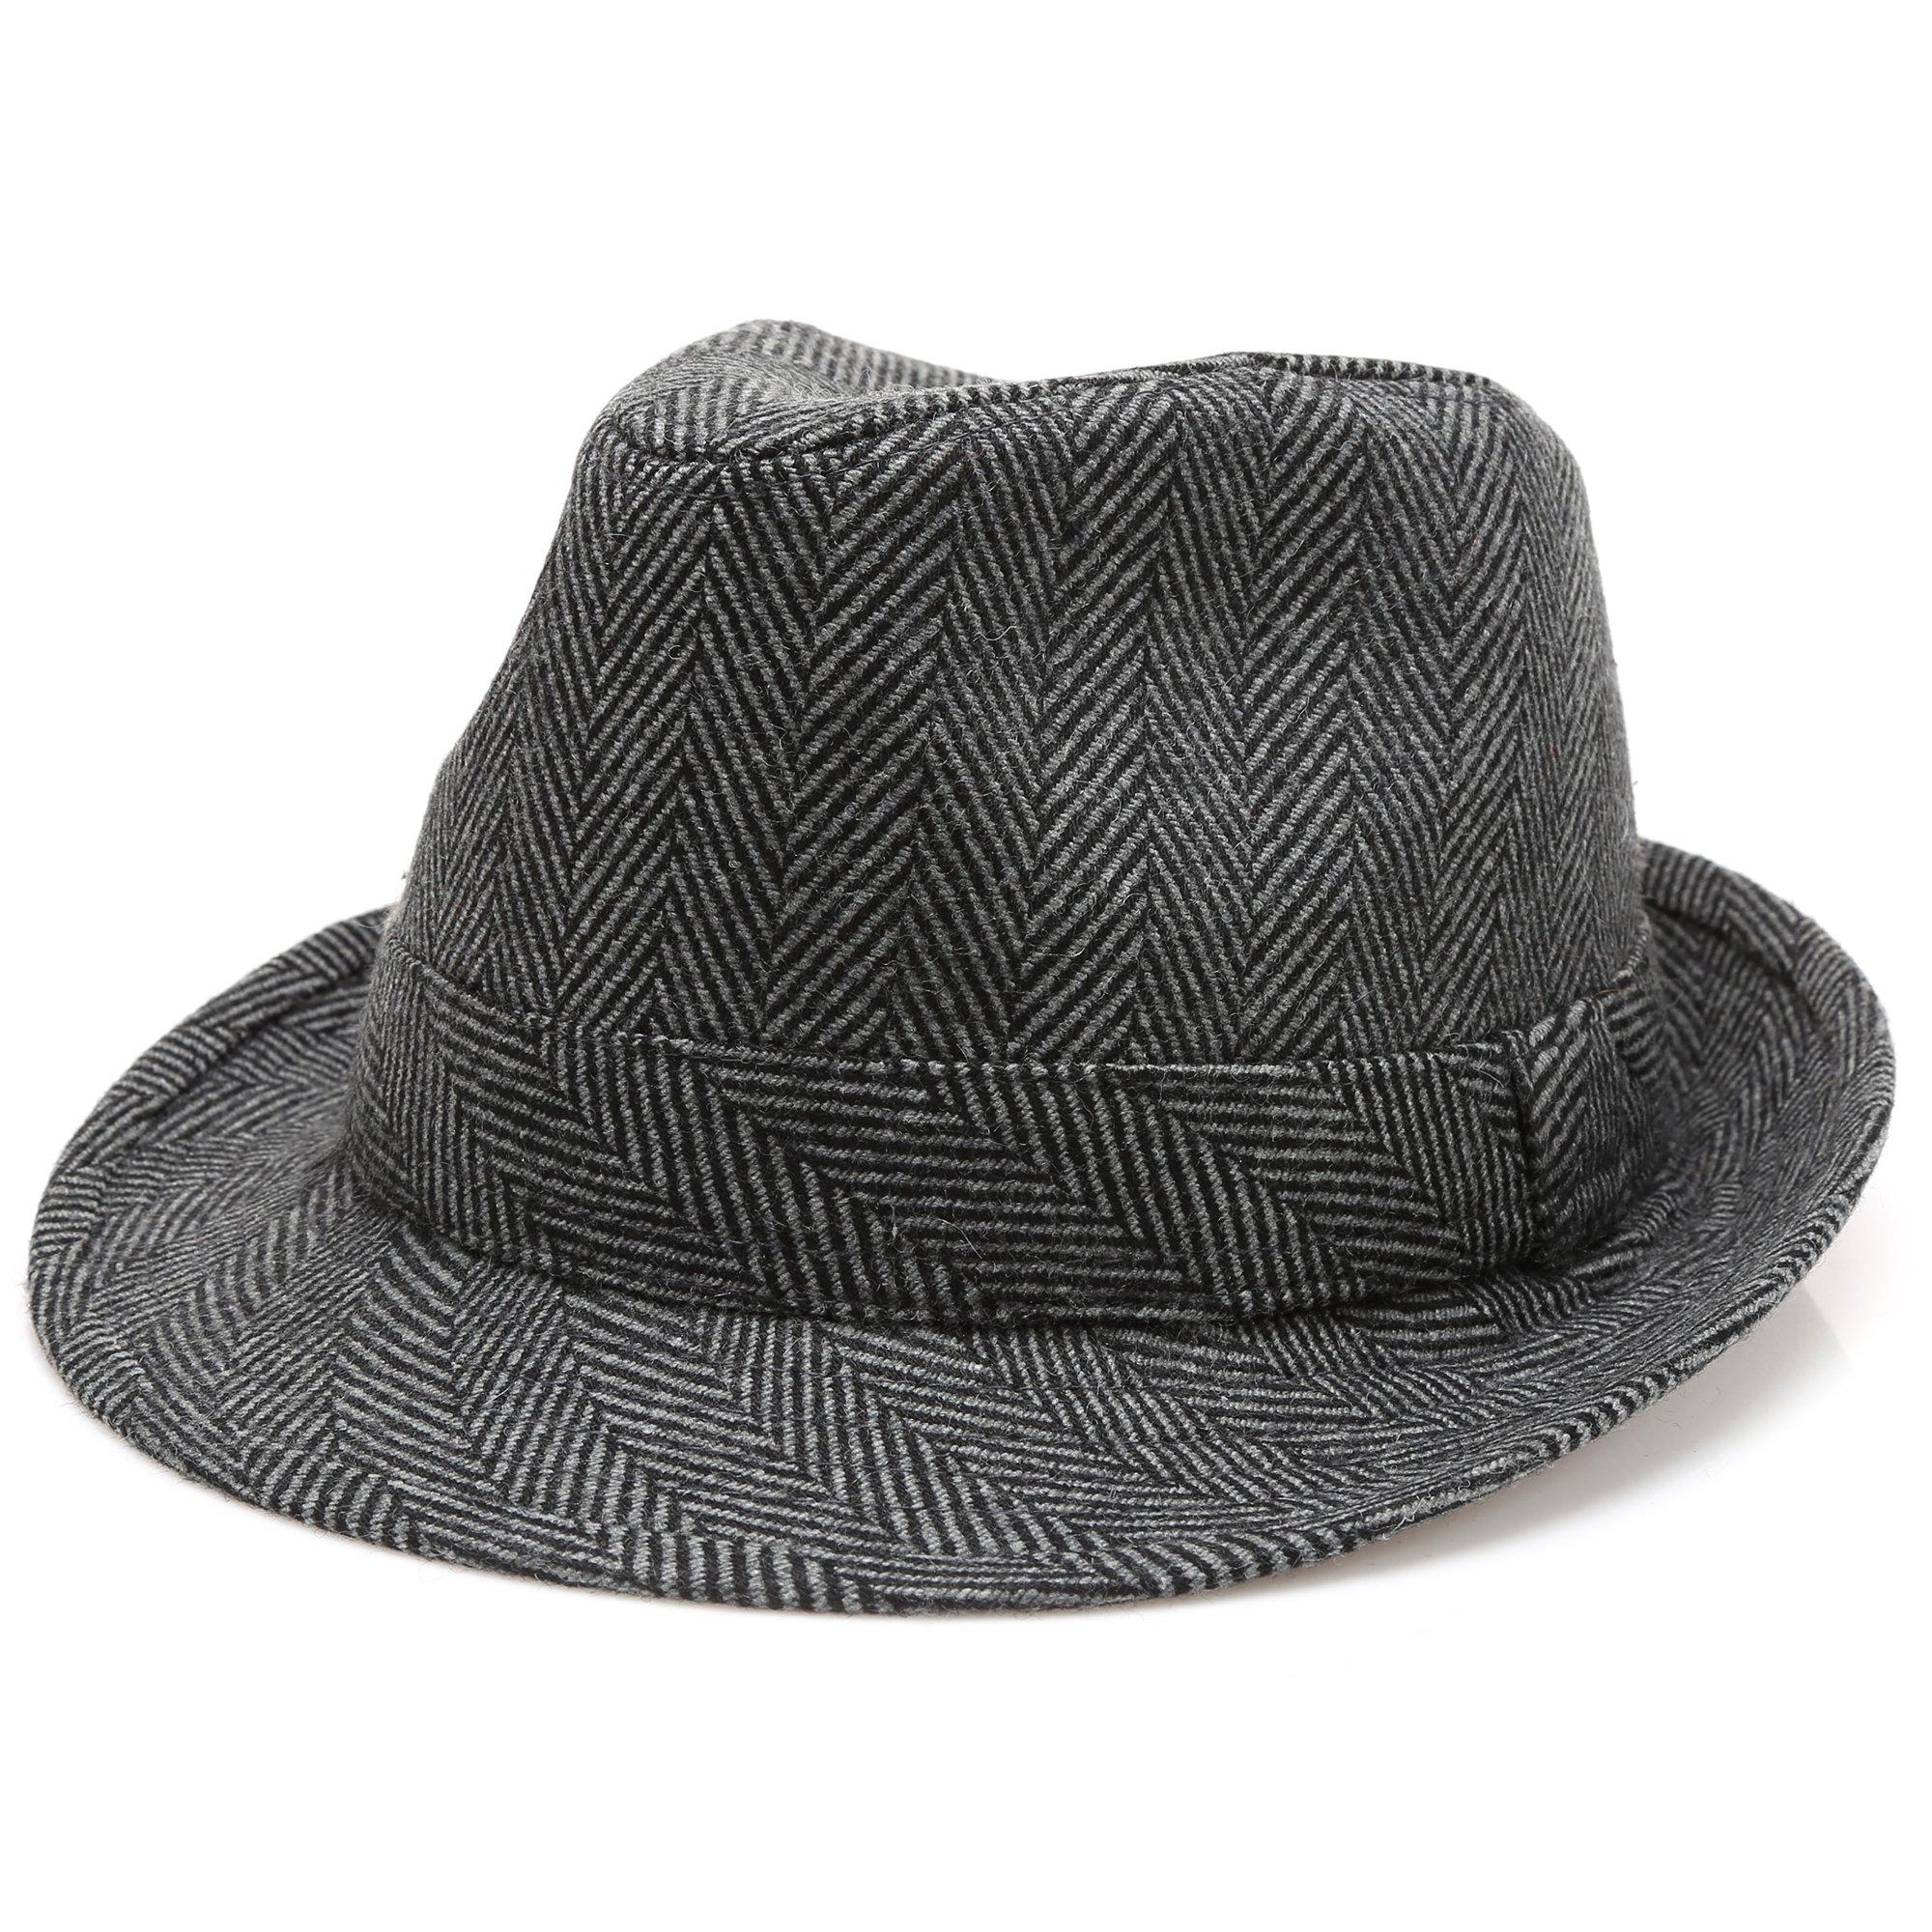 MIRMARU Men's Wool Blend Short Brim Trilby Fedora Hat with Band(Herringbone Charcoal,LXL)